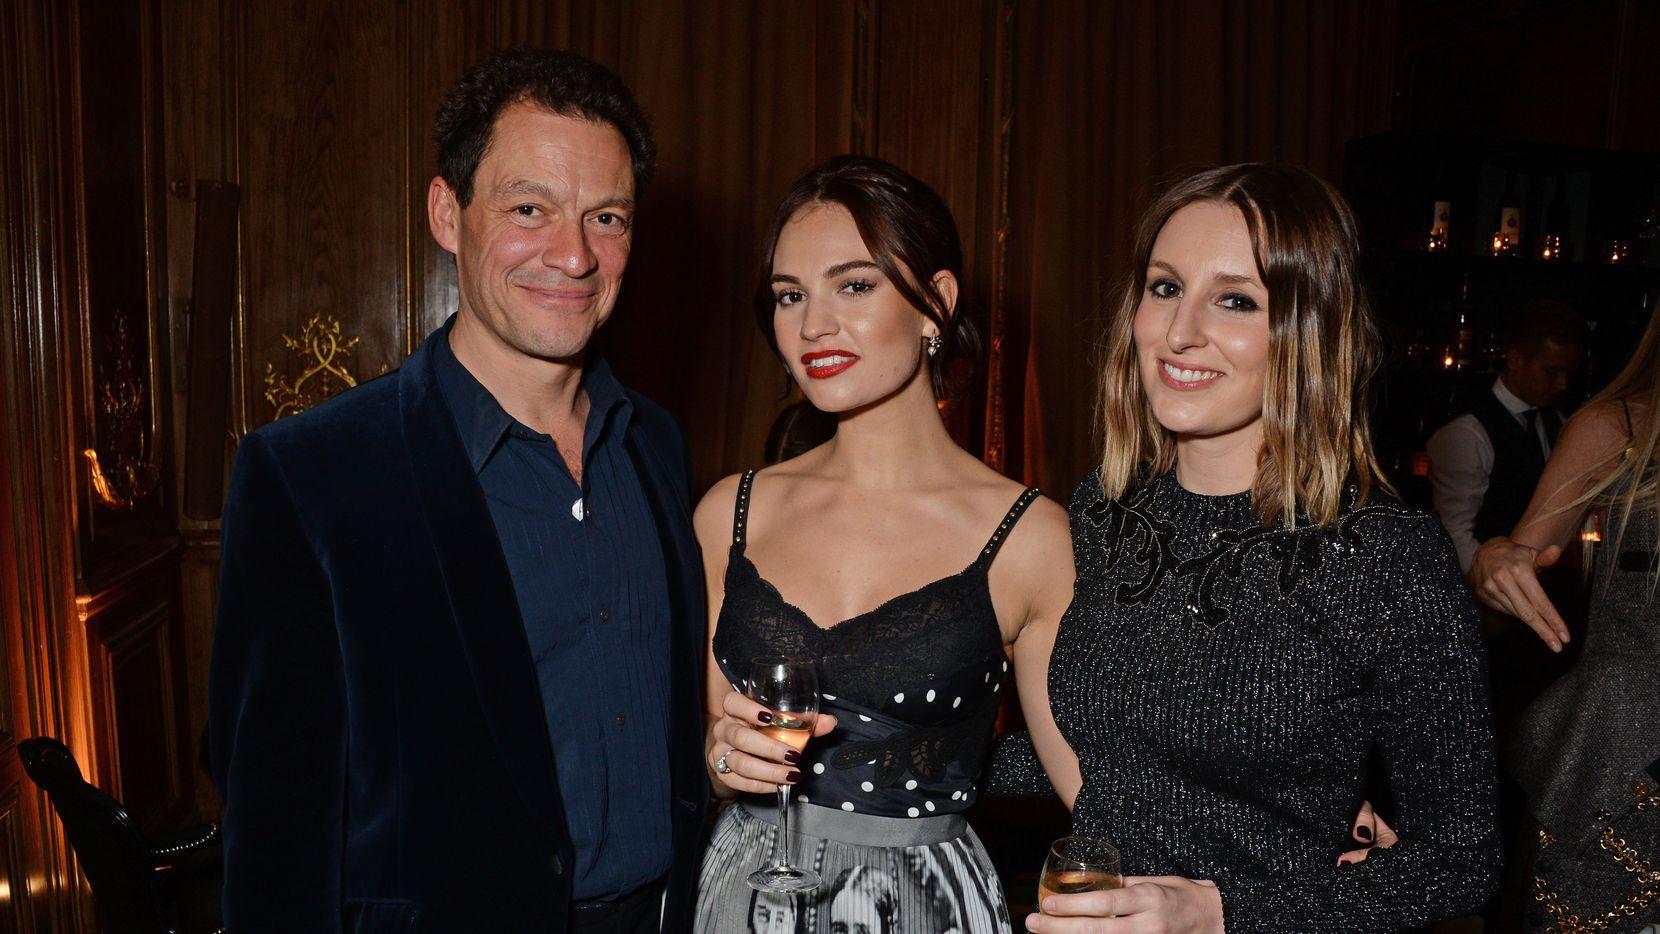 Dominic West, Lily James y Laura Carmichael en la entrega de premios Harper's Bazaar Women Of The Year 2018 en Londres.